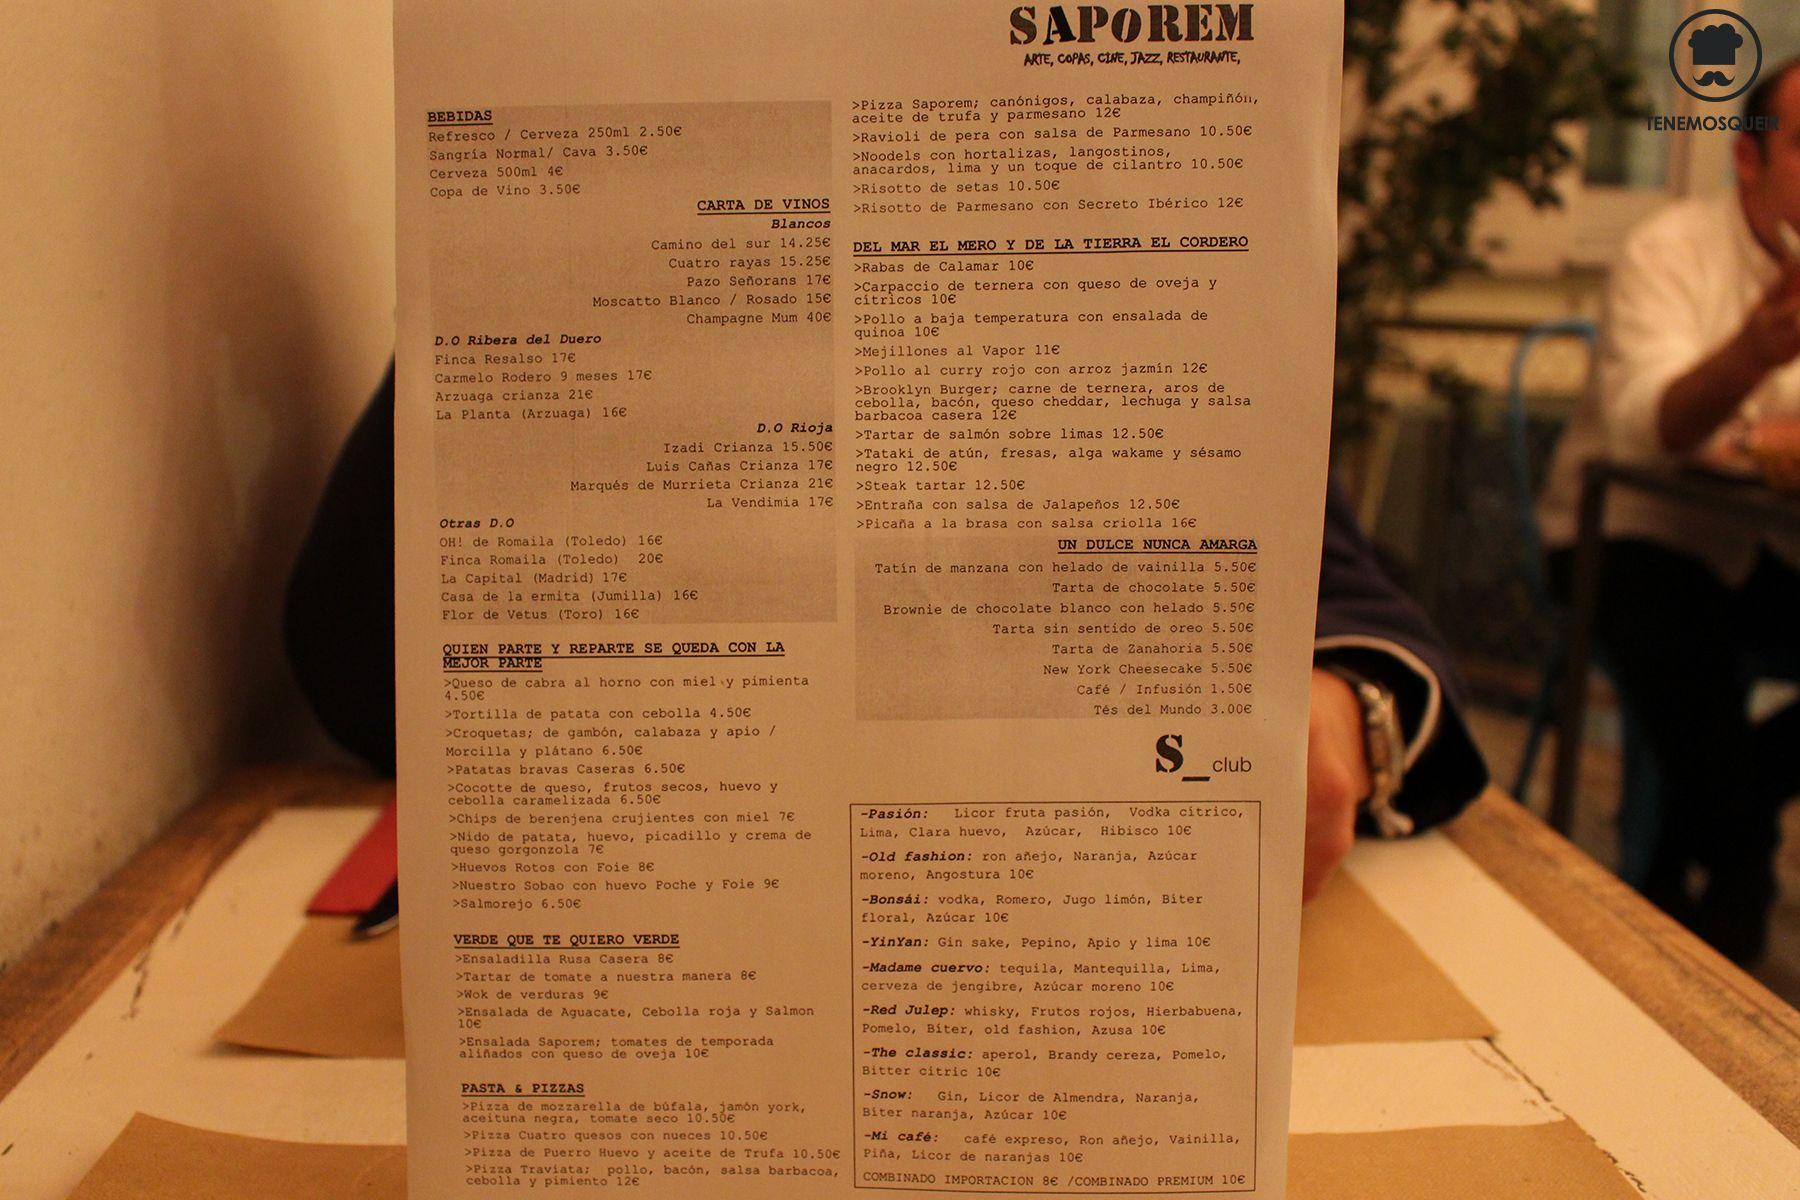 Carta Restaurante Saporem Chueca Madrid Tenemosqueir